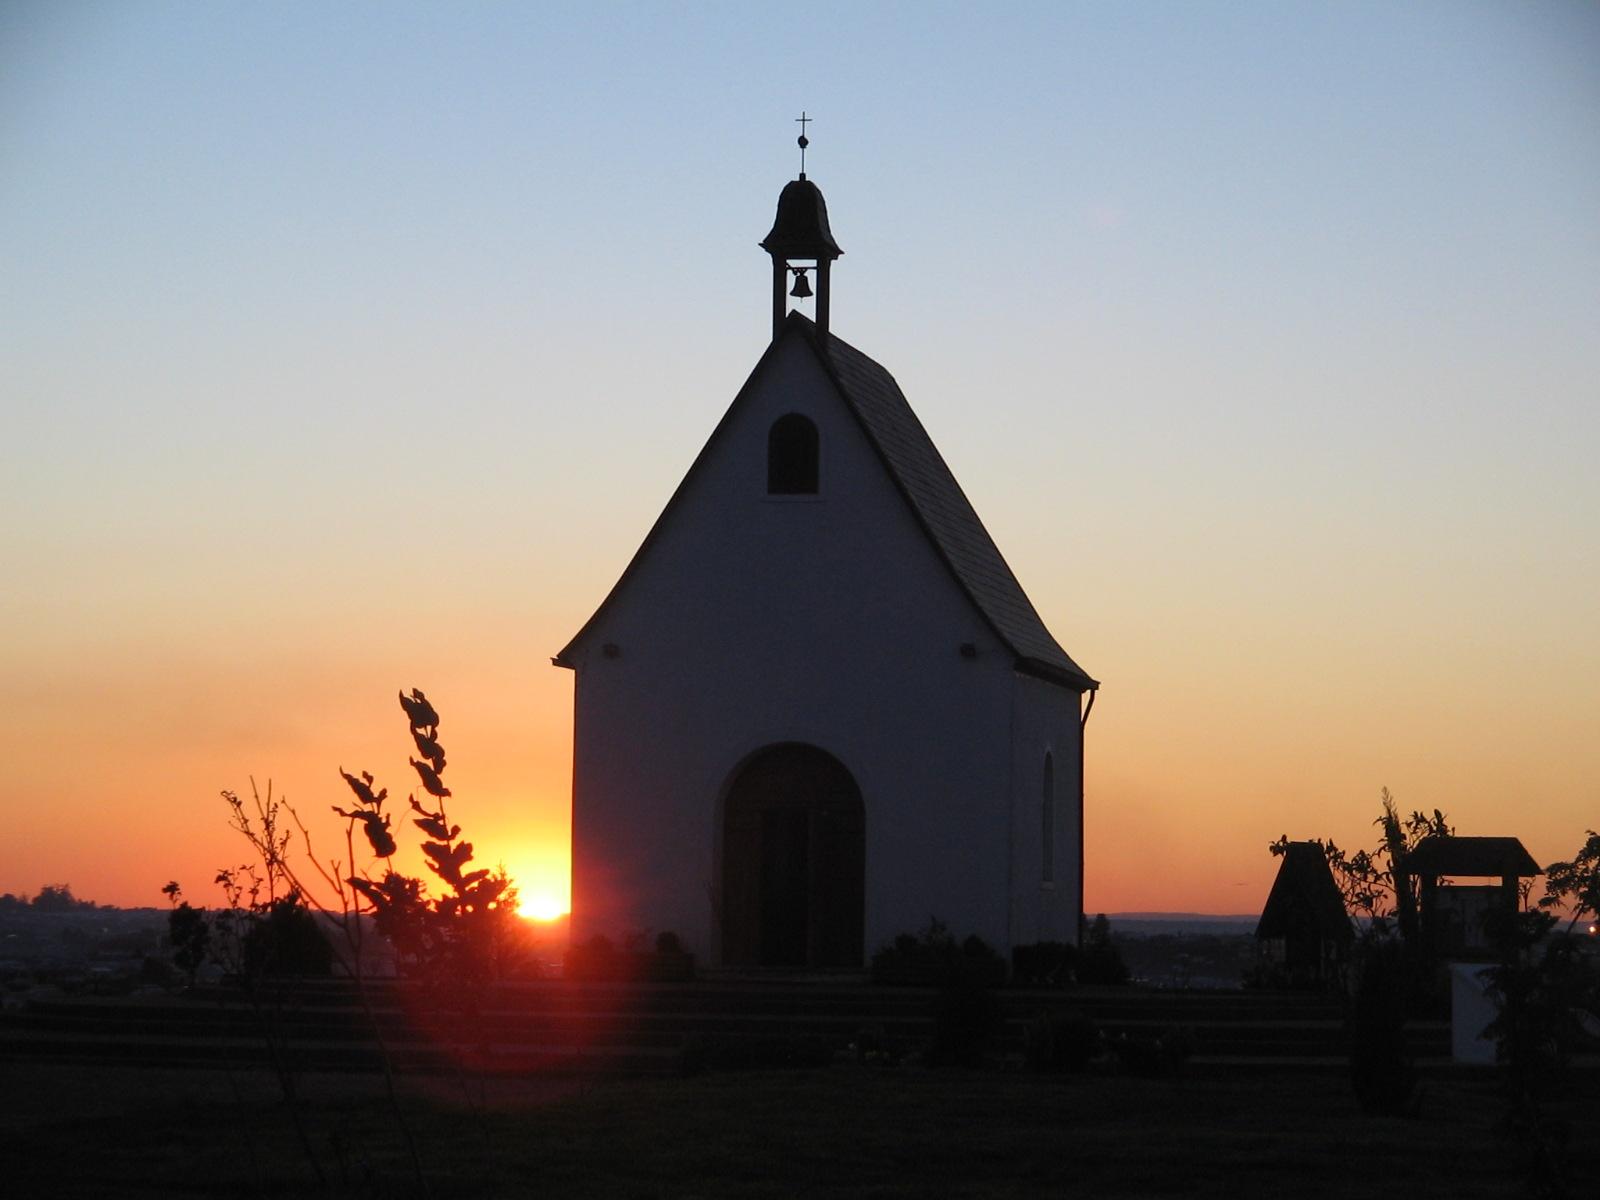 El Santuario Hogar un lugar de conversin y acogida   Hna Clara 1600x1200